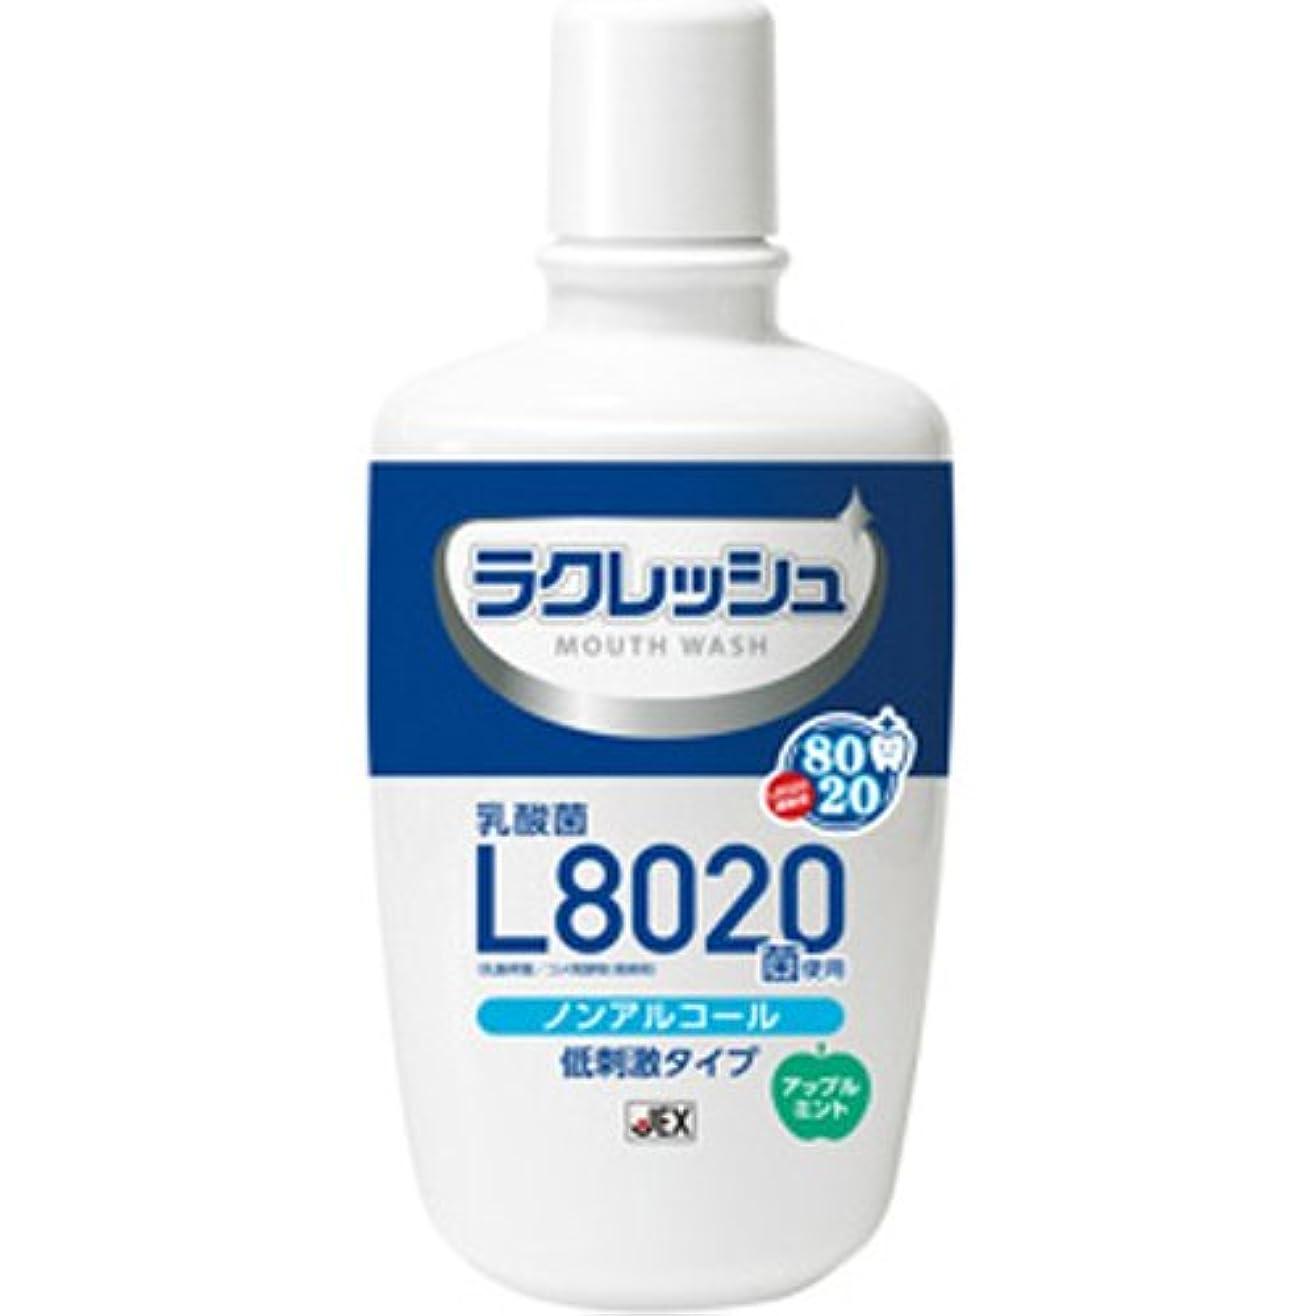 蒸留技術者パターンラクレッシュ L8020菌入 マウスウォッシュ × 10個セット